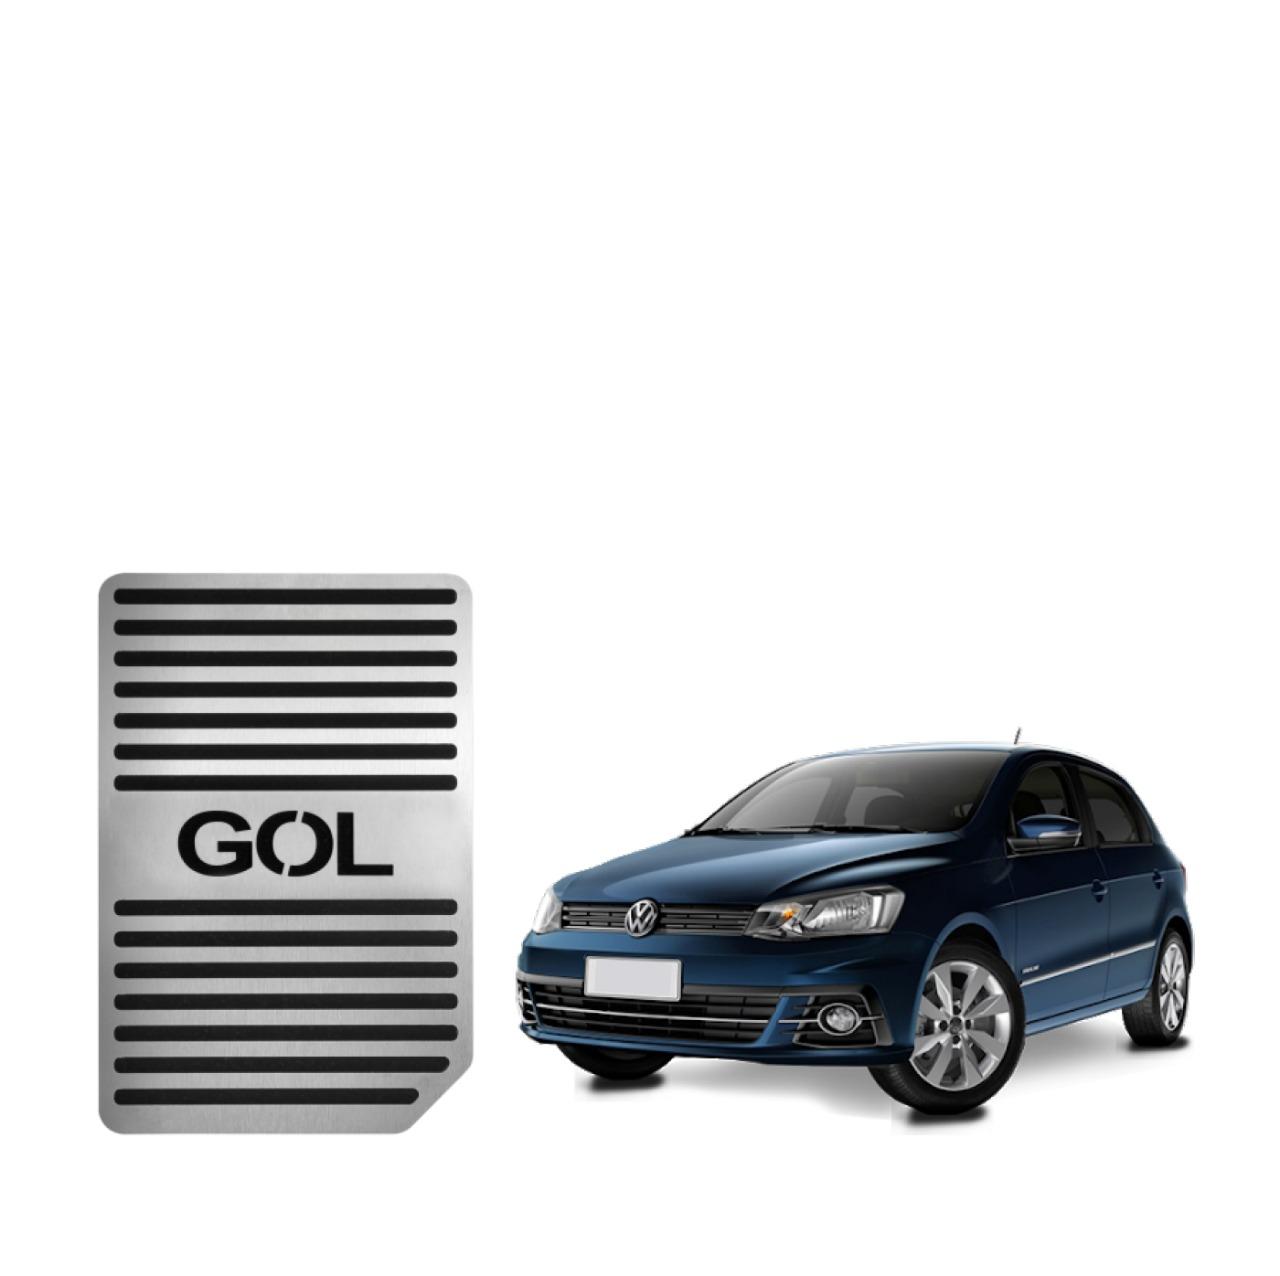 Descanso de Pé Volkswagen Gol Aço Inox Escovado